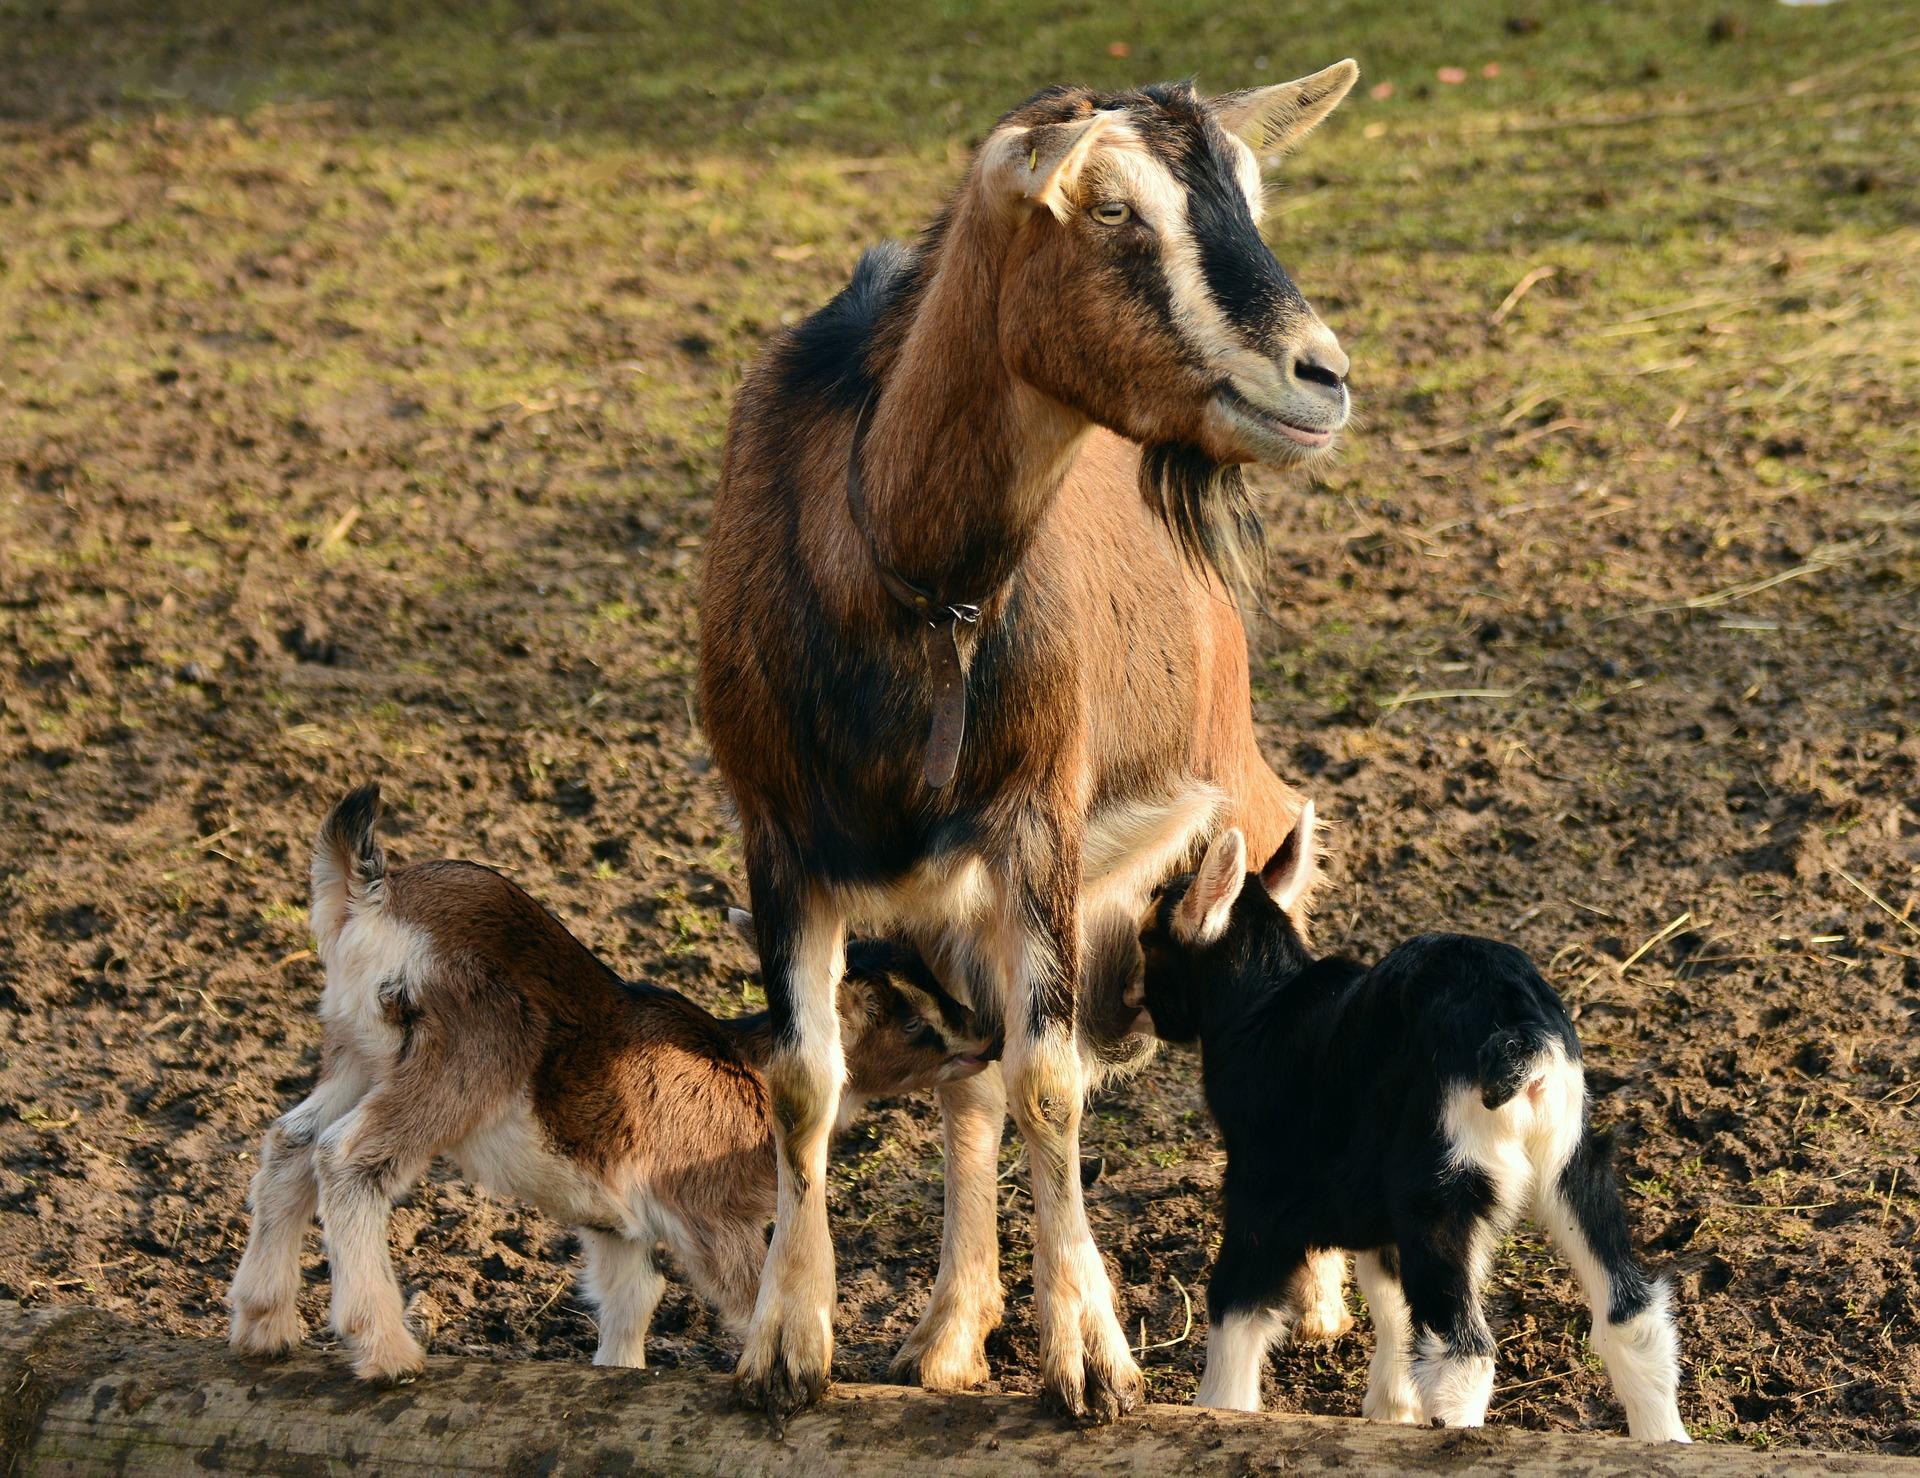 L'élevage de chèvres de l'abbaye de Nottonville - L'élevage de chèvres de l'abbaye de Nottonville